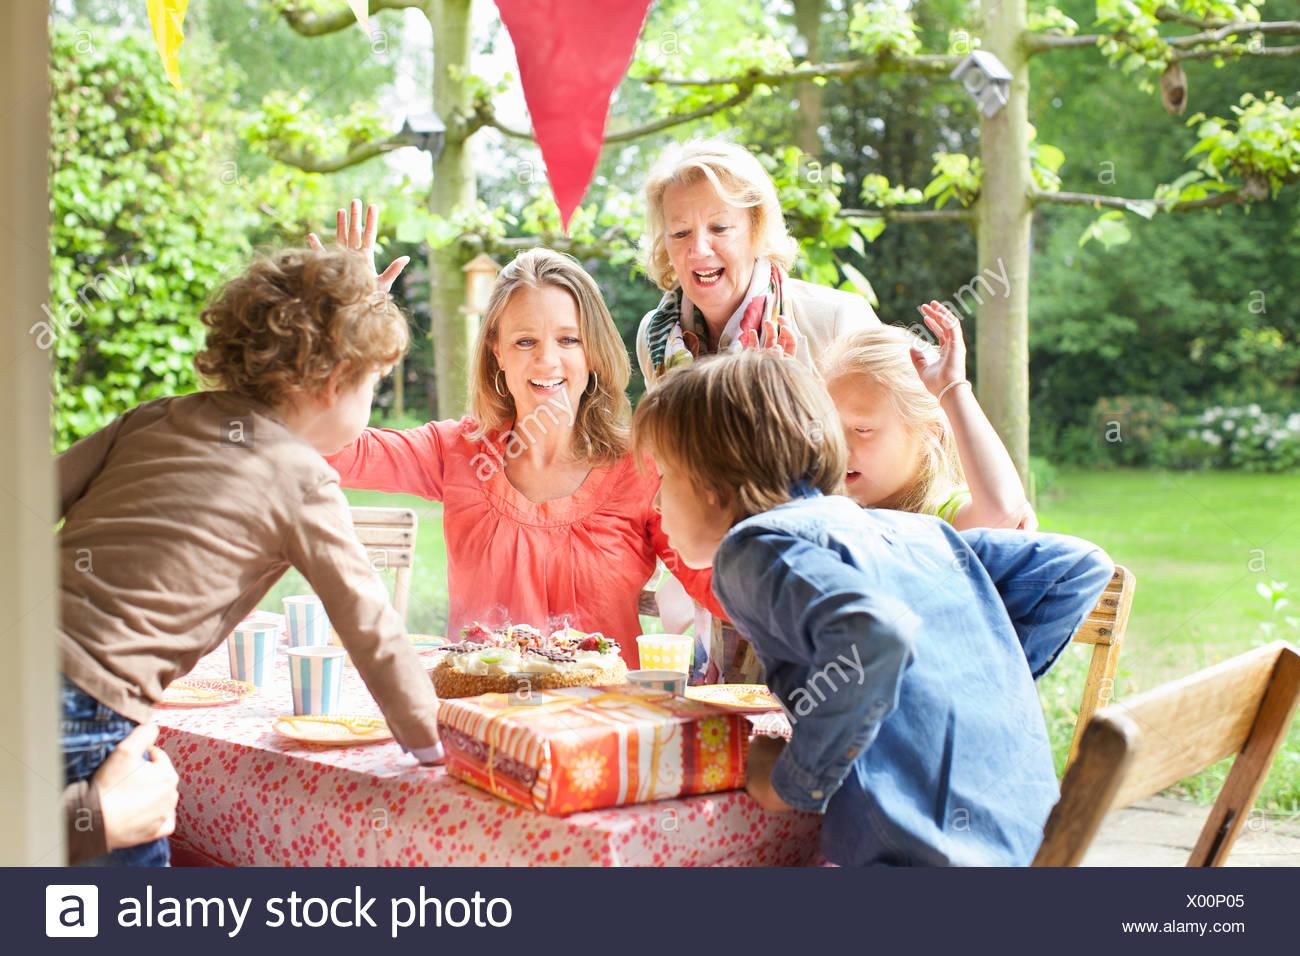 Familia cantando y vitoreando en fiesta de cumpleaños Imagen De Stock